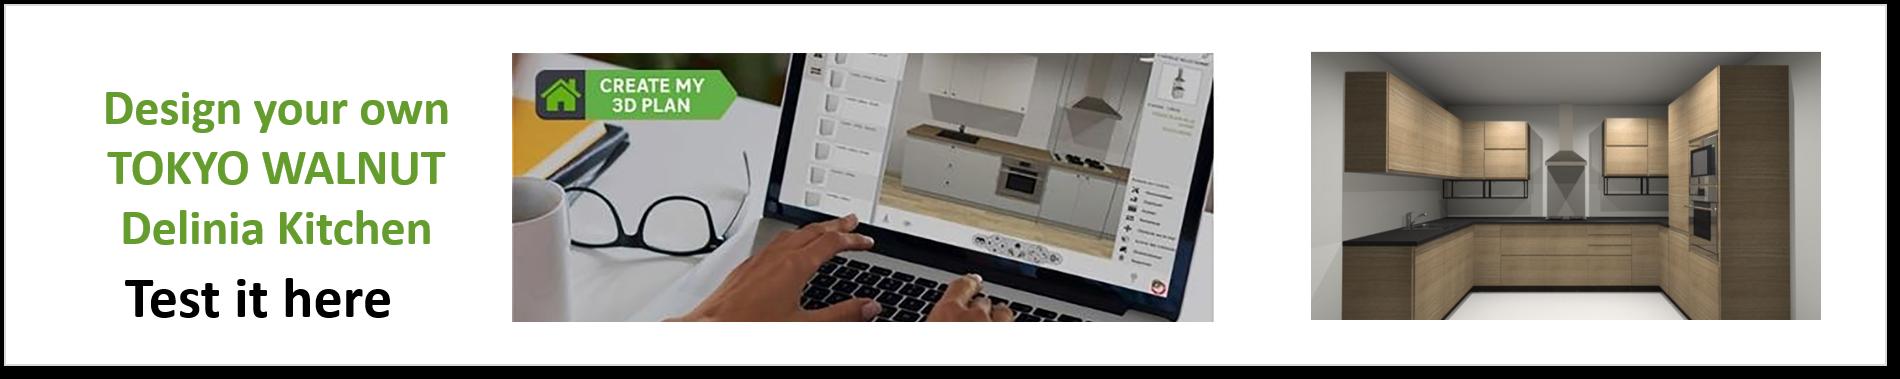 Create or Design your own Delinia Tokyo Walnut Designer Kitchen